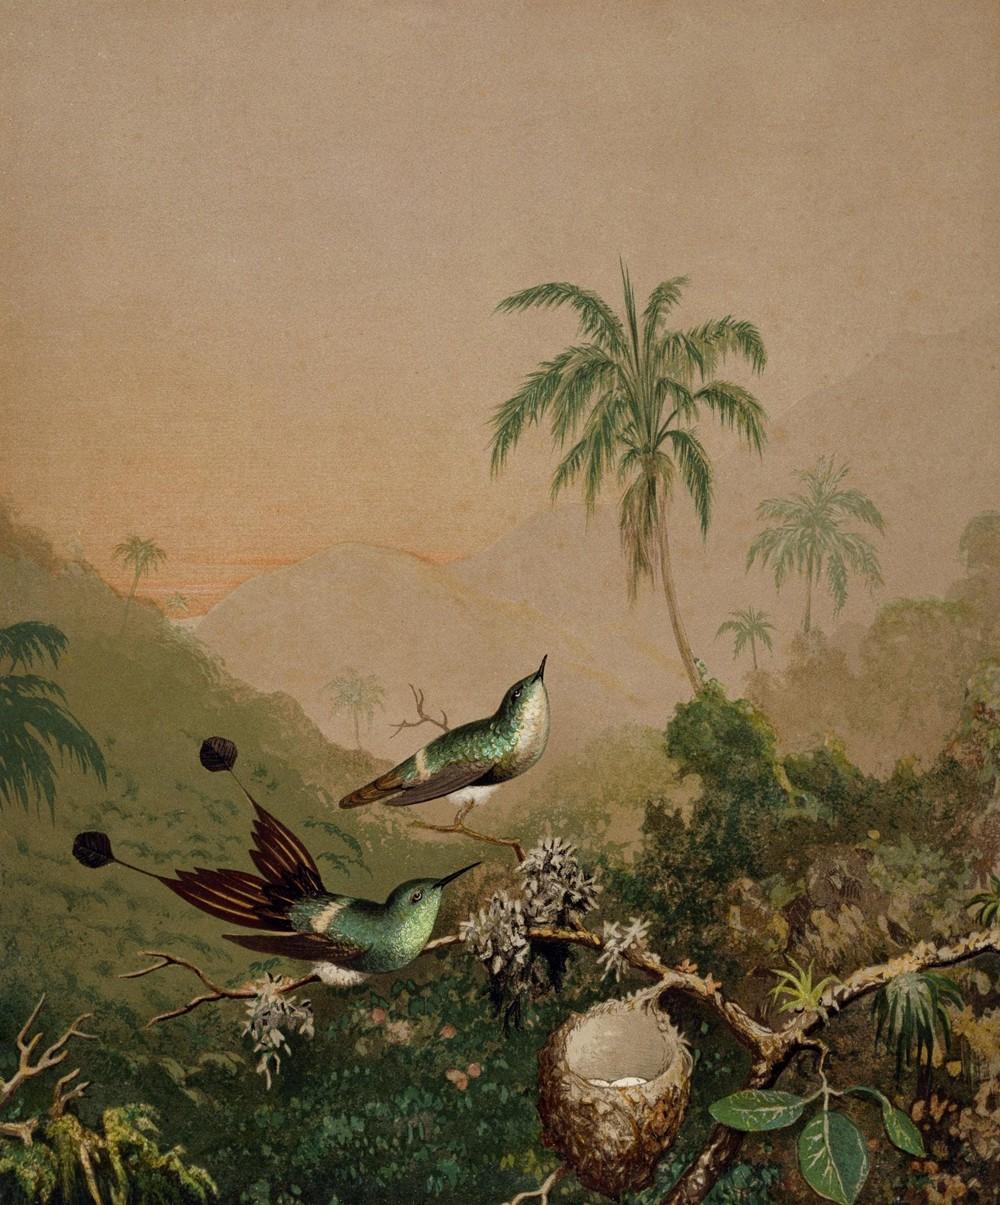 Foto 1 - Beija-flores Brasileiros Ninho com Ovos Pássaros Palmeiras e MontanhasFloresta Gemas do BrasilPintura de Martin Johnson Heade em TELA